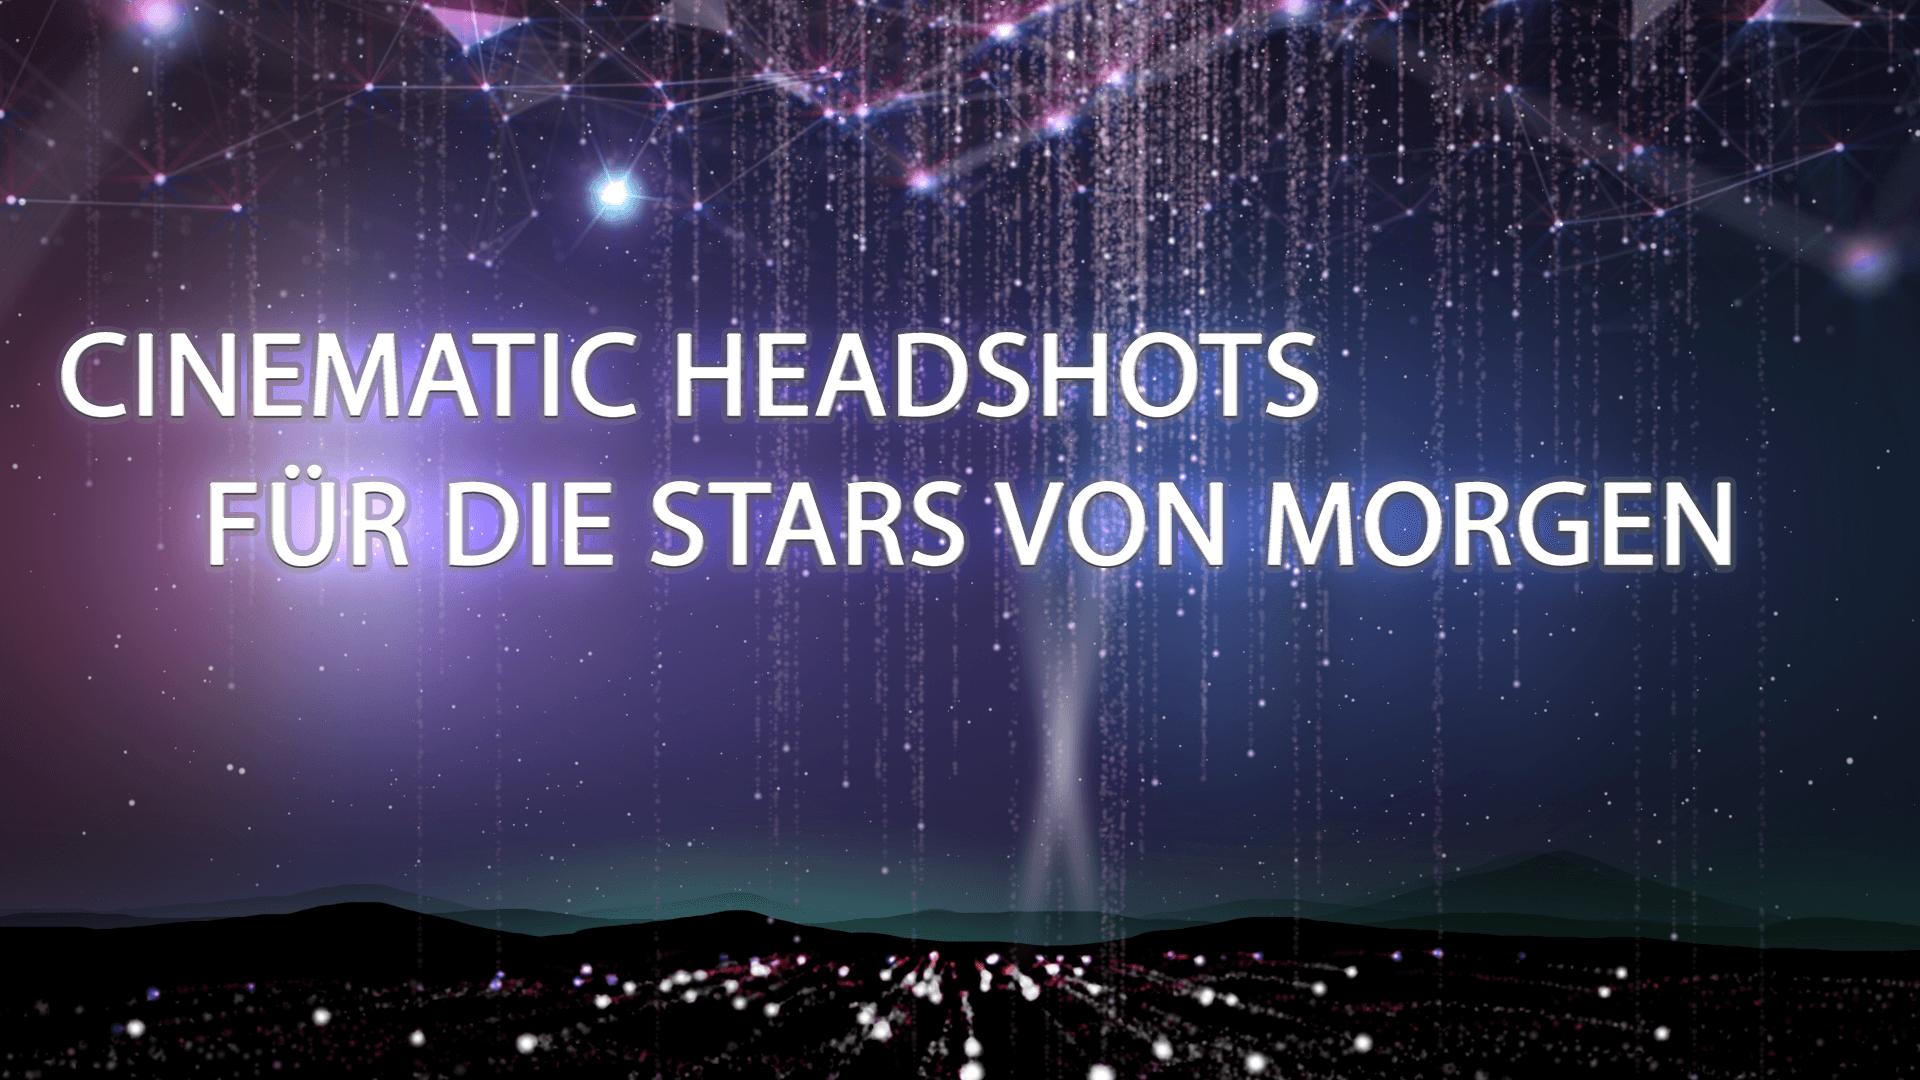 Cinematic Headshots für die Stars von Morgen bei Chris Klüpfel.png